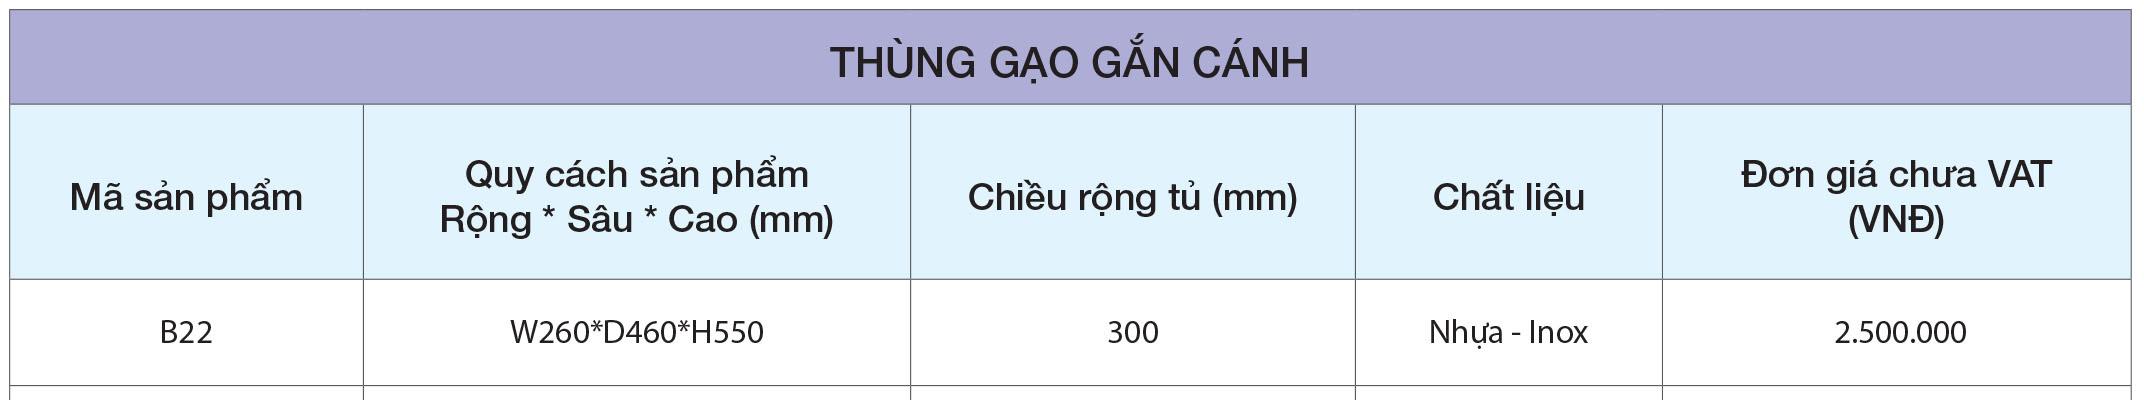 Thông số Thùng gạo gắn cánh B22 – Eurogold